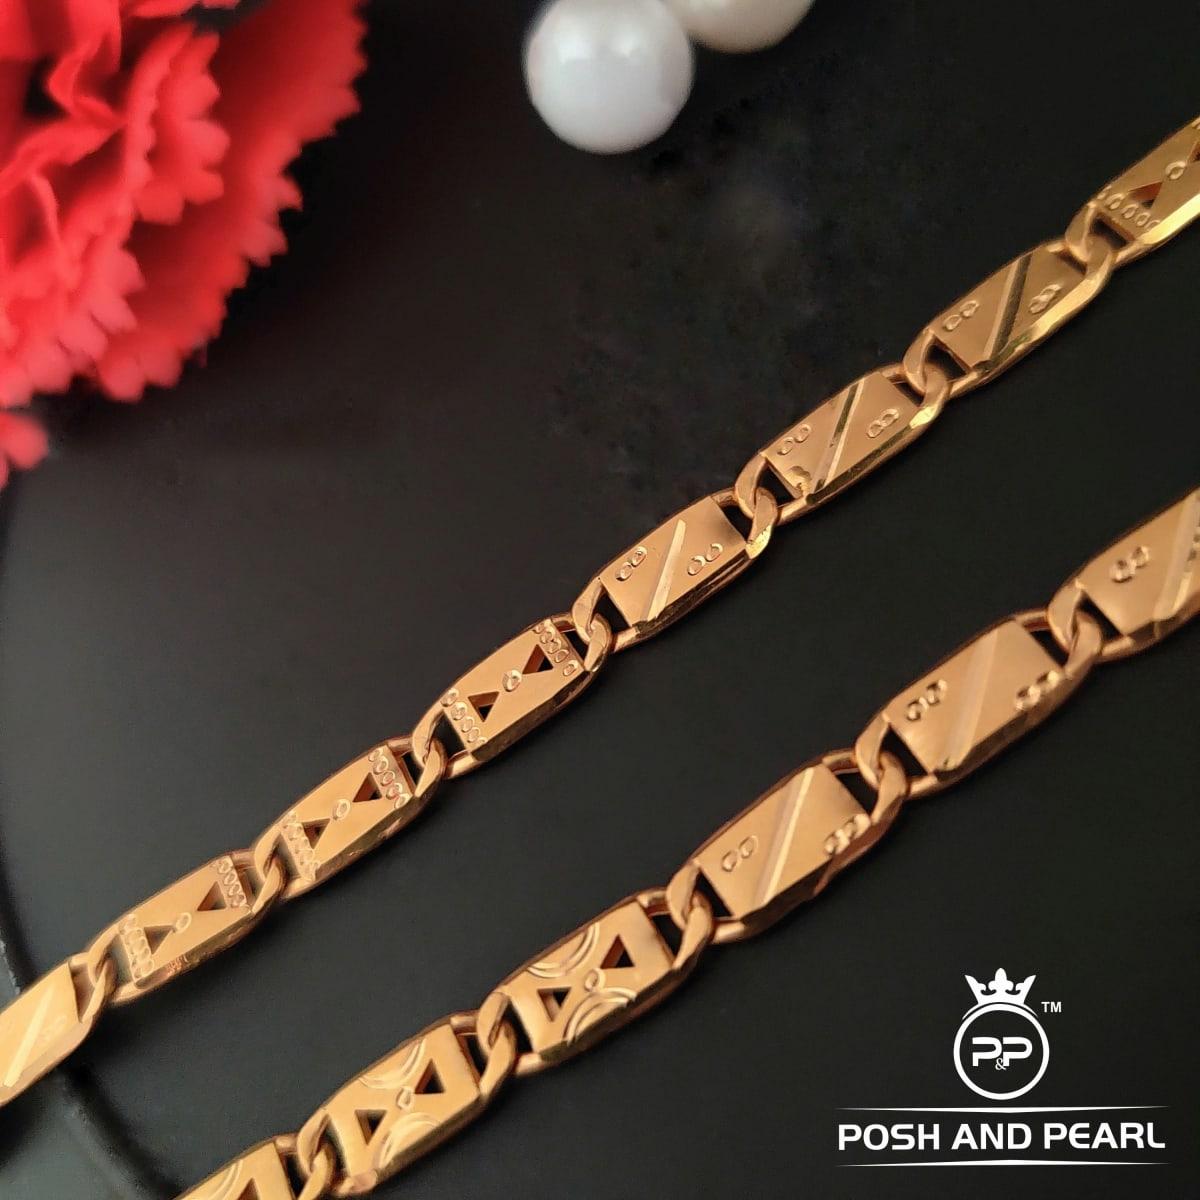 Nawabi Chain Pp0263